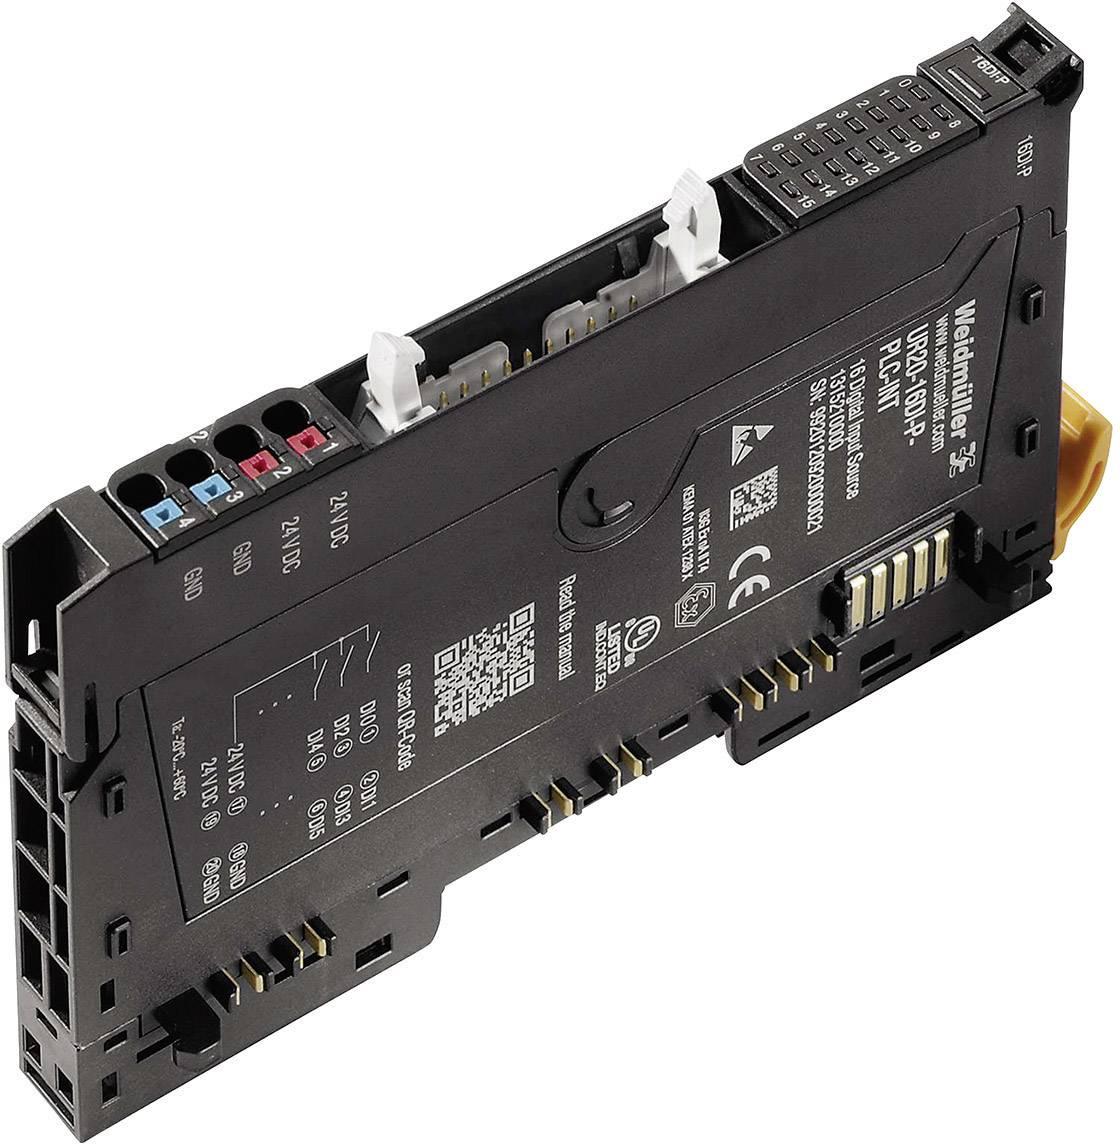 Vstupní modul pro PLC Weidmüller UR20-16DI-P-PLC-INT, 1315210000